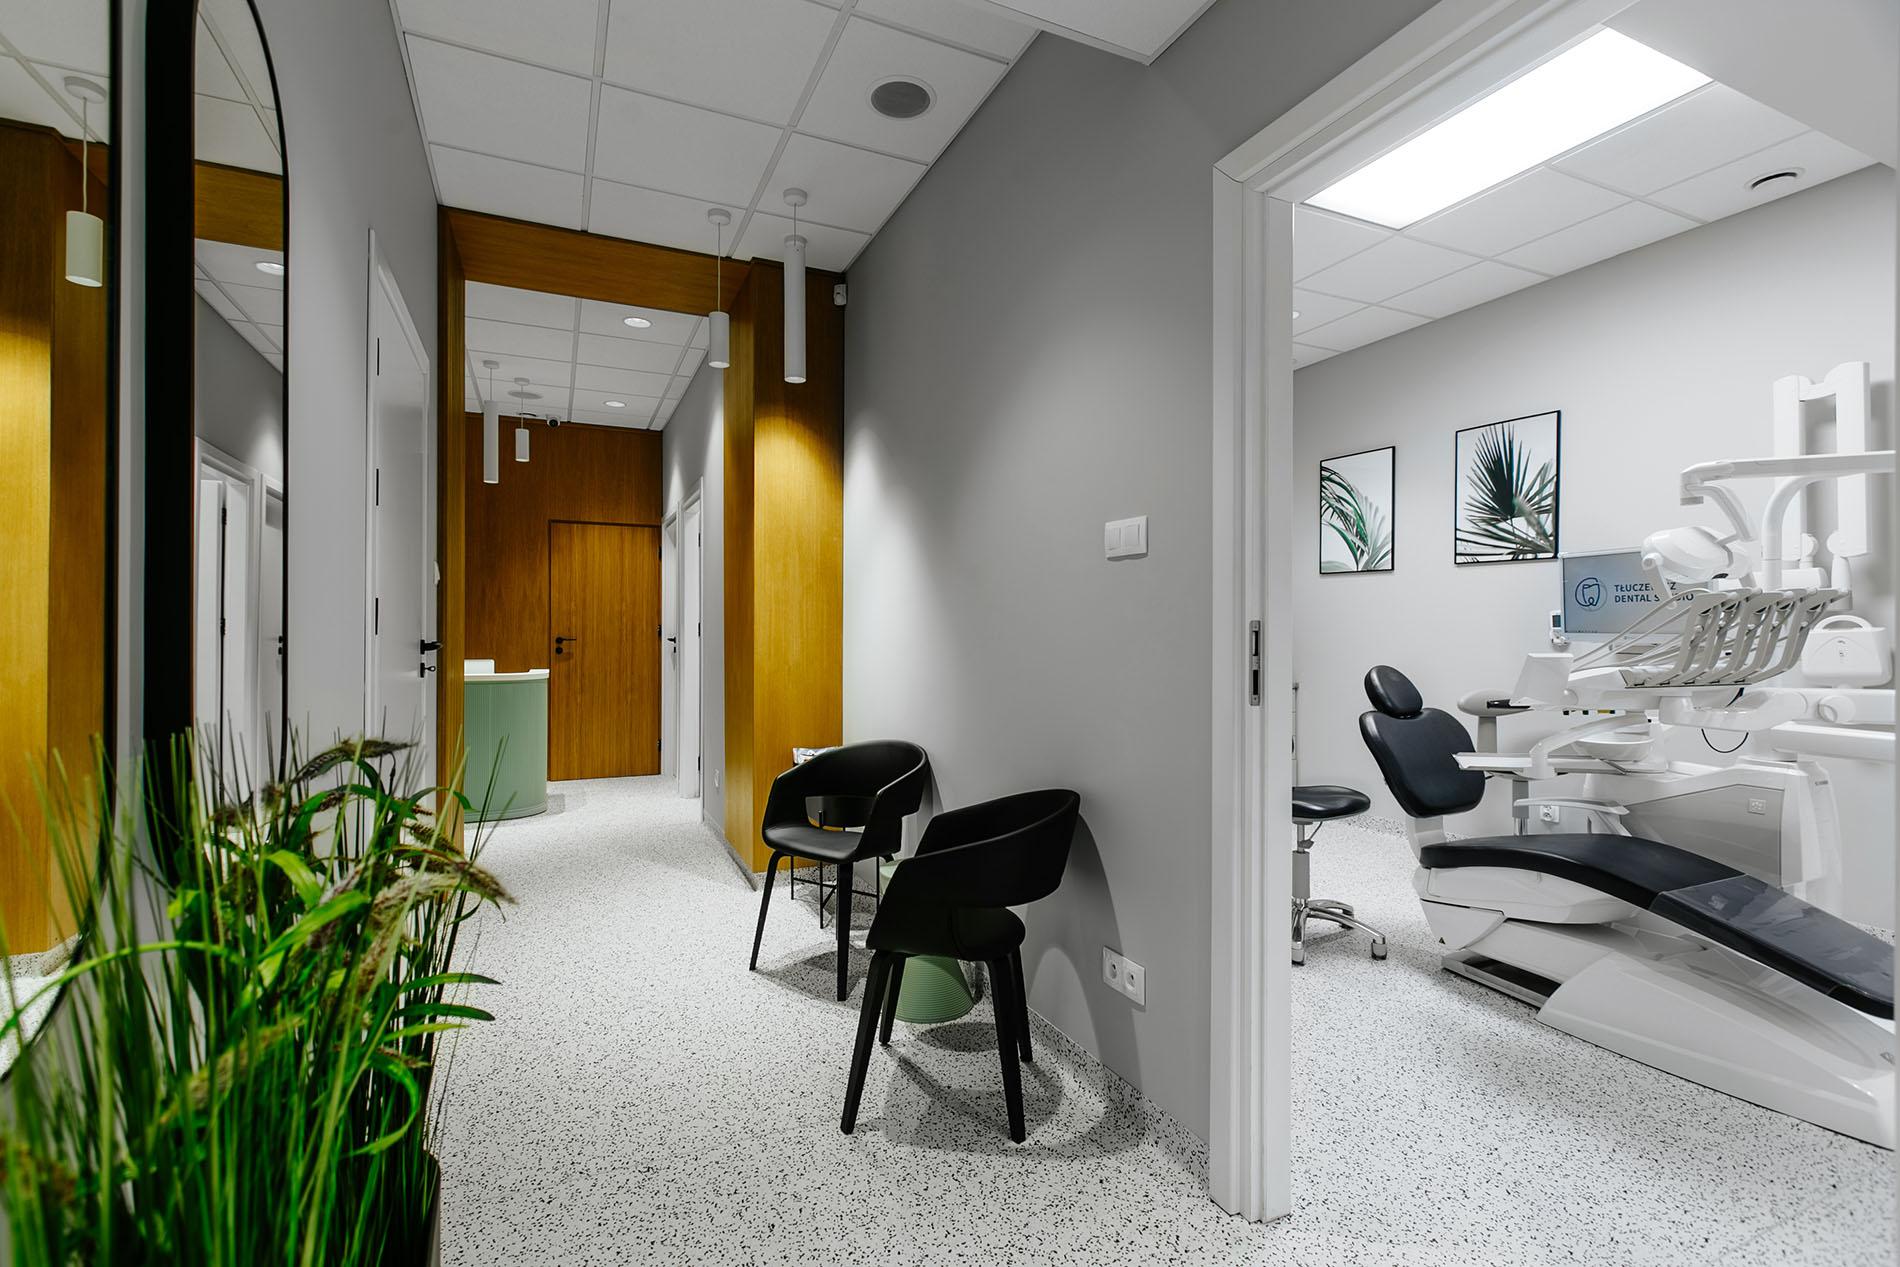 minimalnie inwazyjna stomatologia warszawa